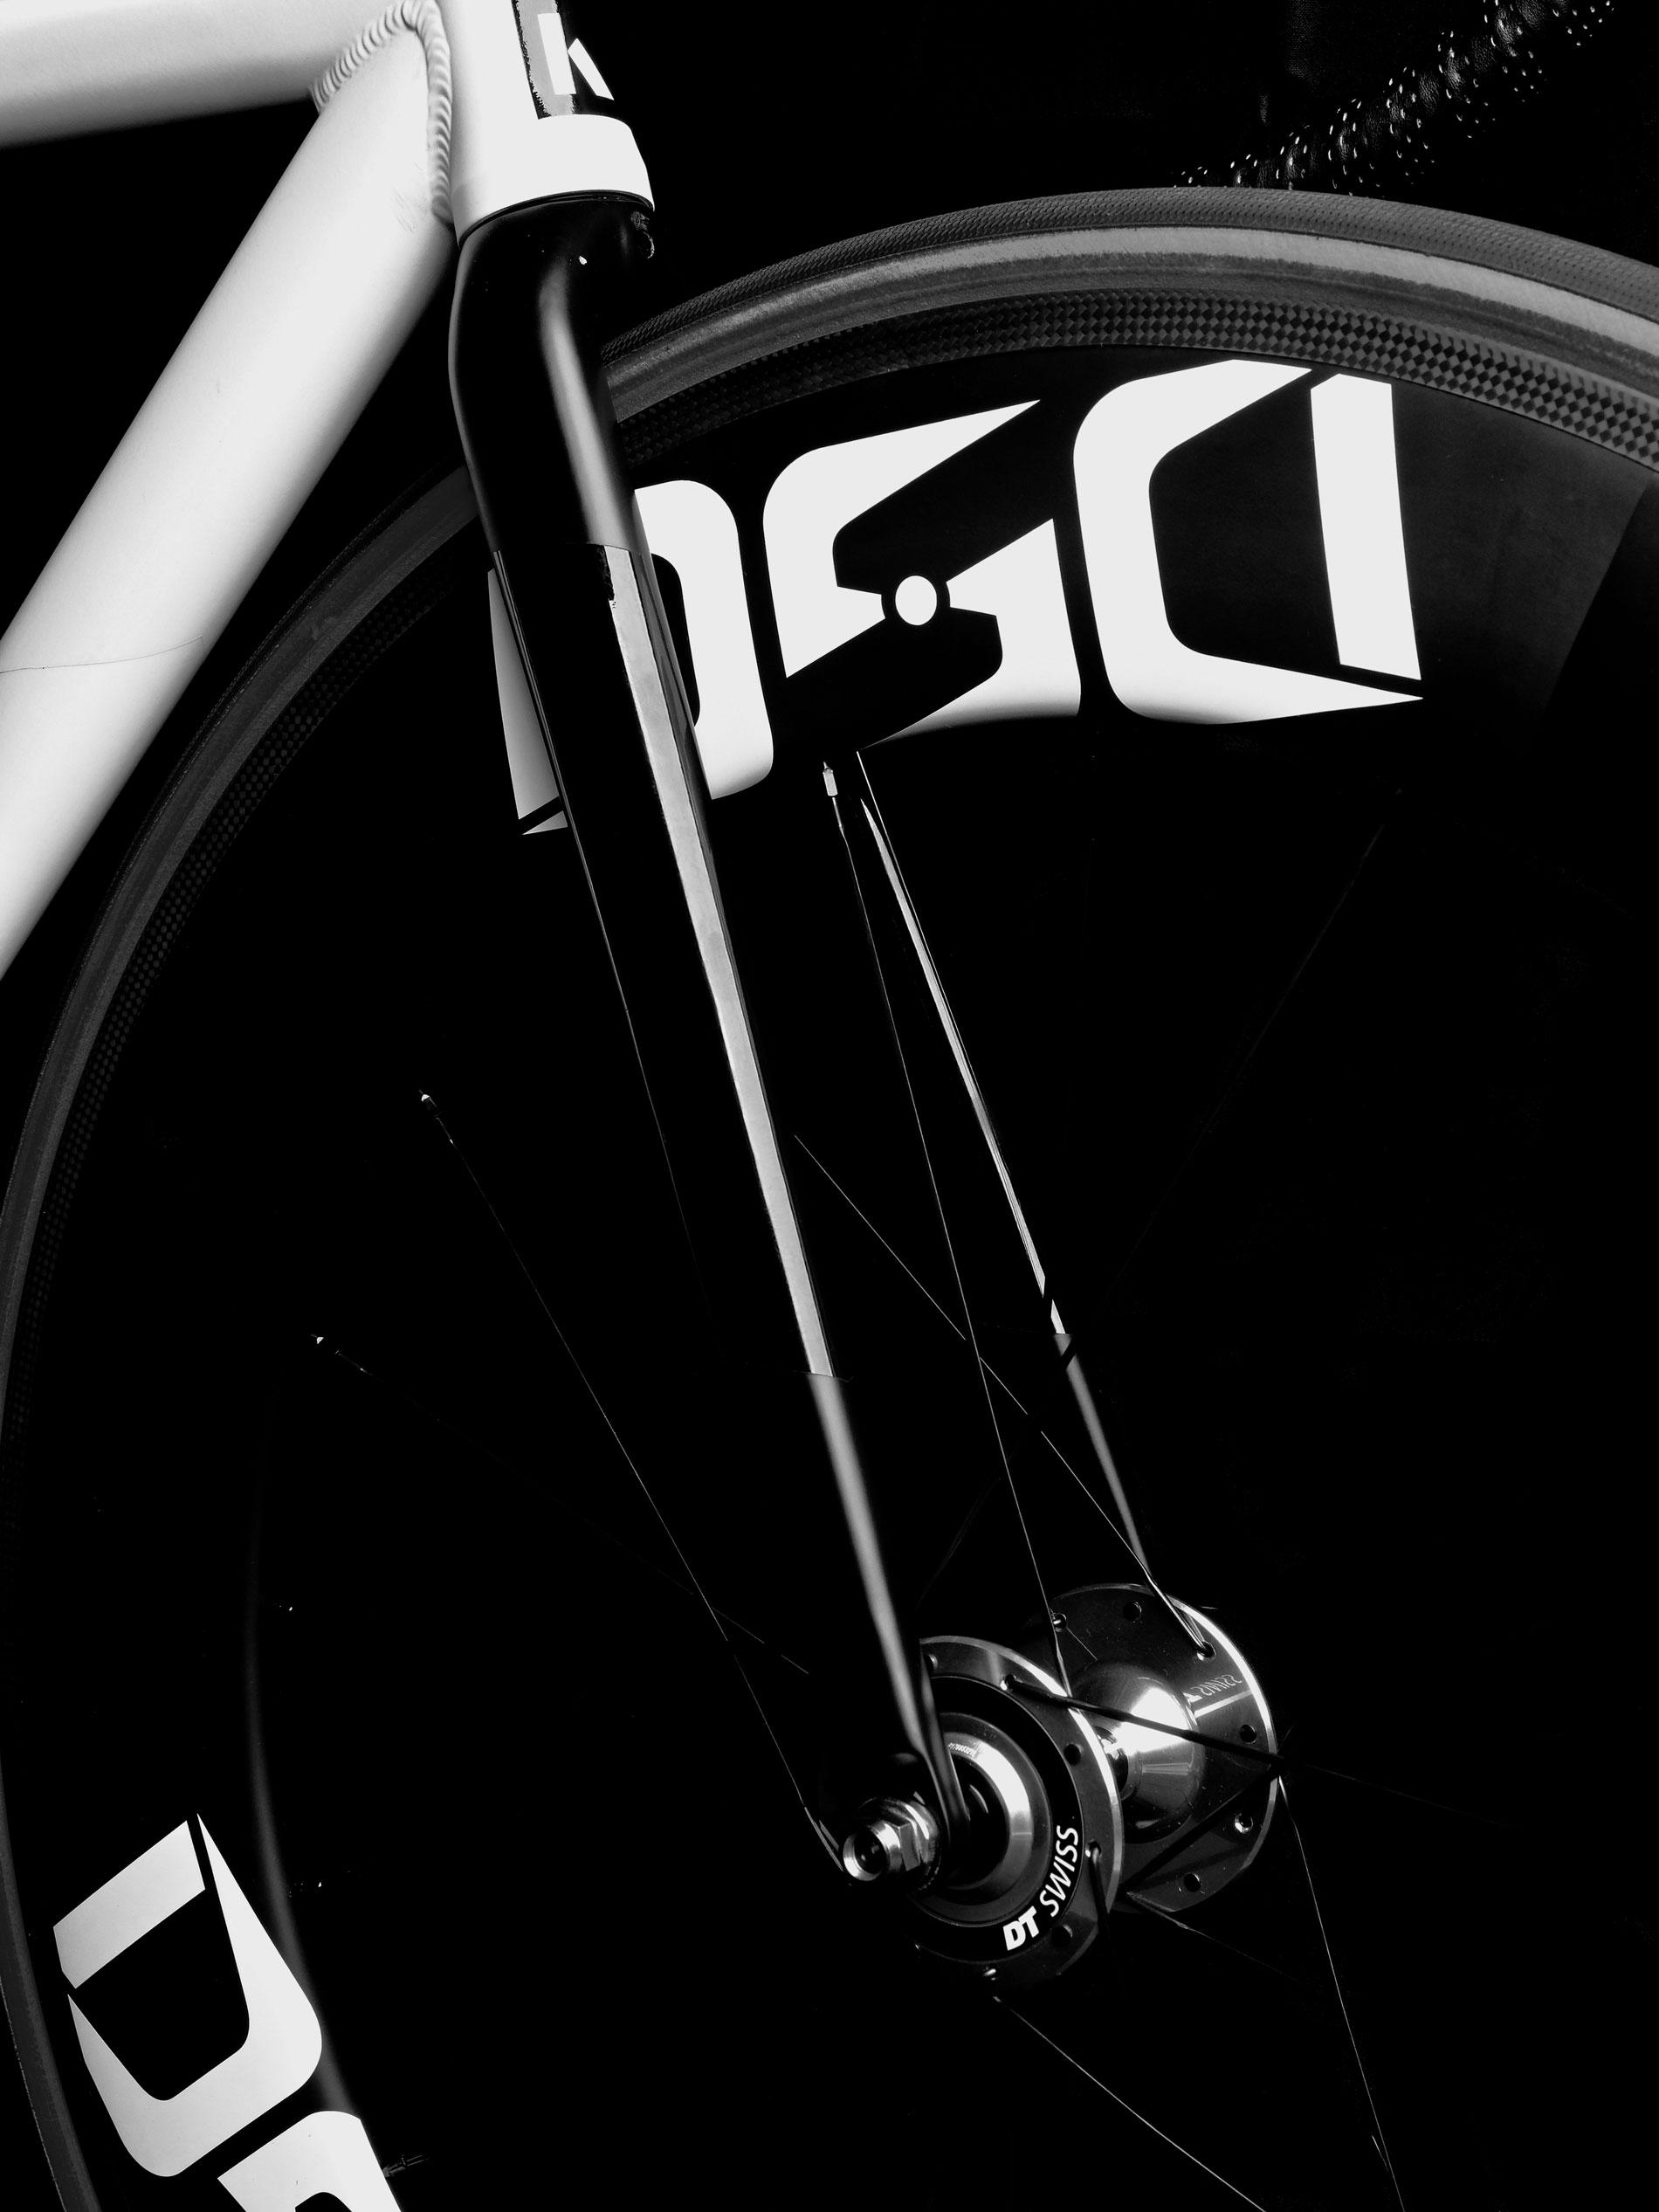 _4130034-Kingdom-DSD-Race-Bike.jpg